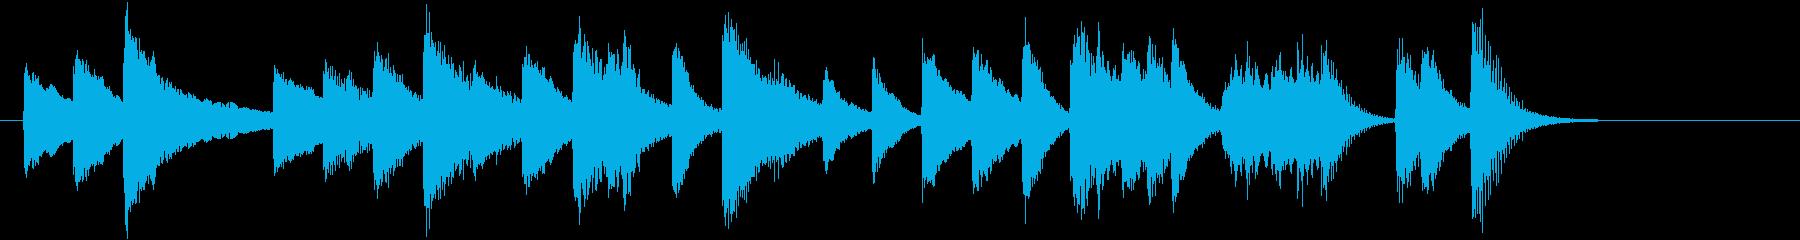 「乾杯の歌」モチーフのピアノジングルBの再生済みの波形